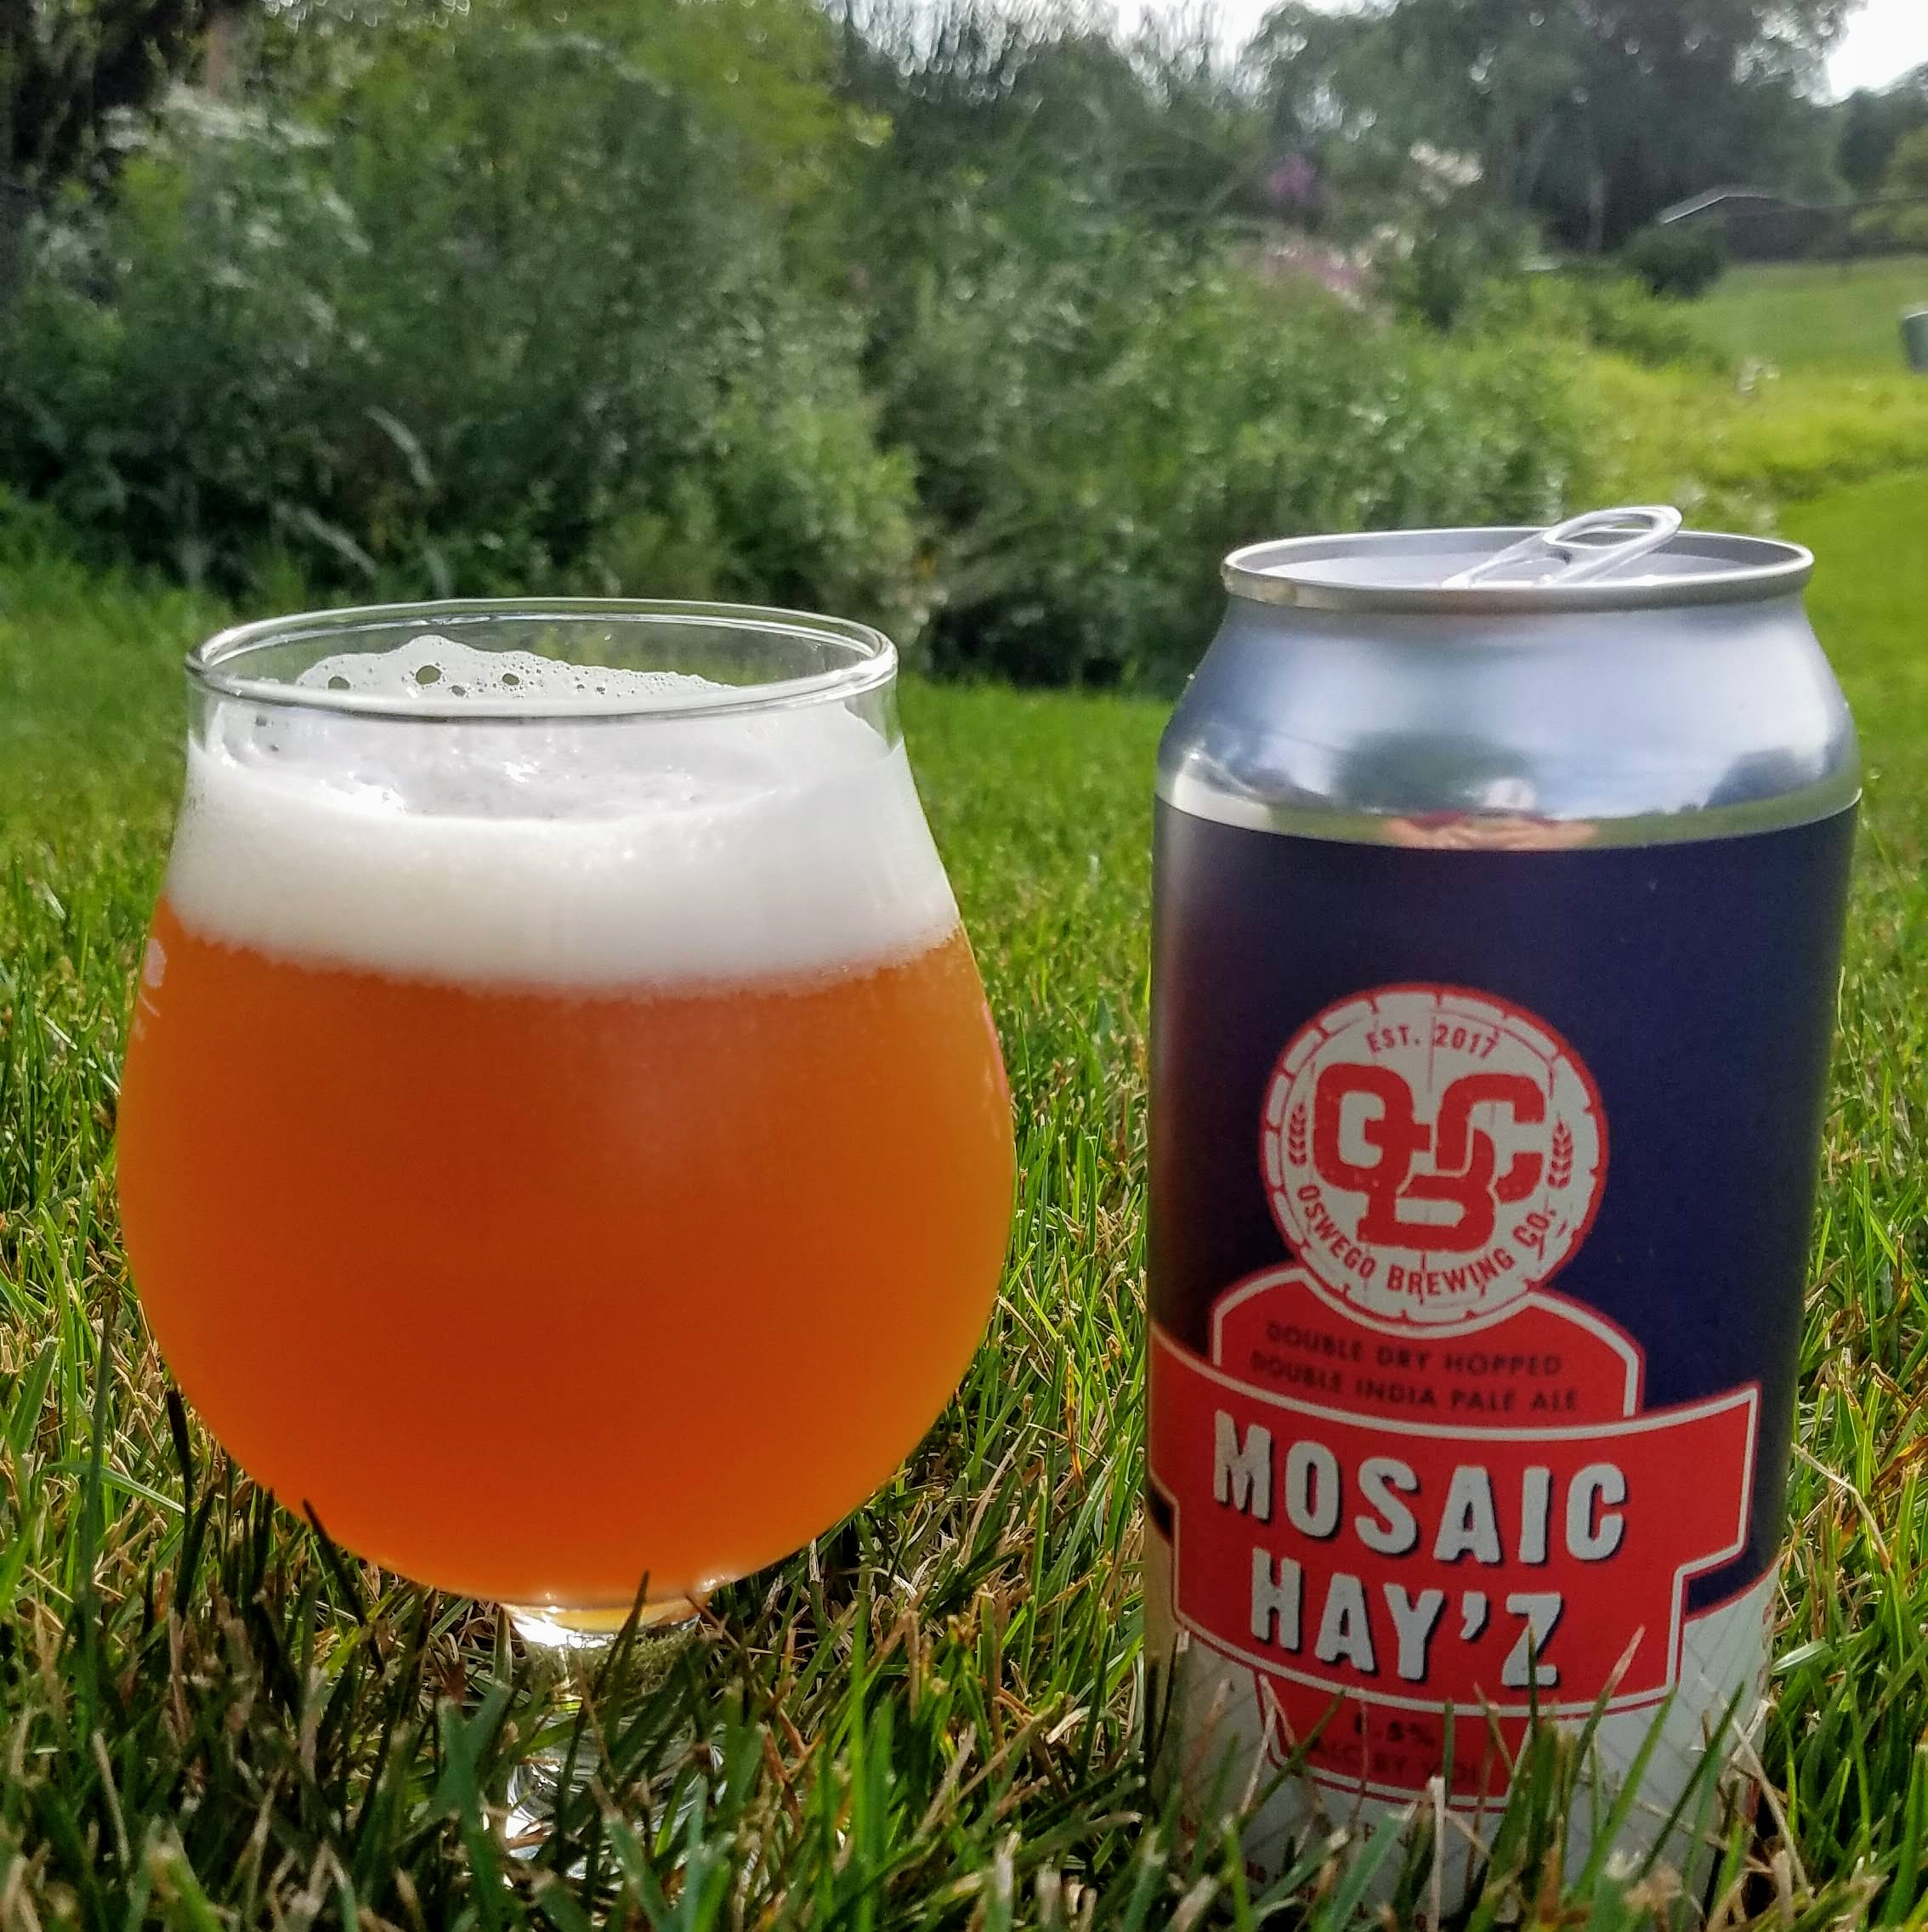 Oswego Brewing Mosaic Hayz